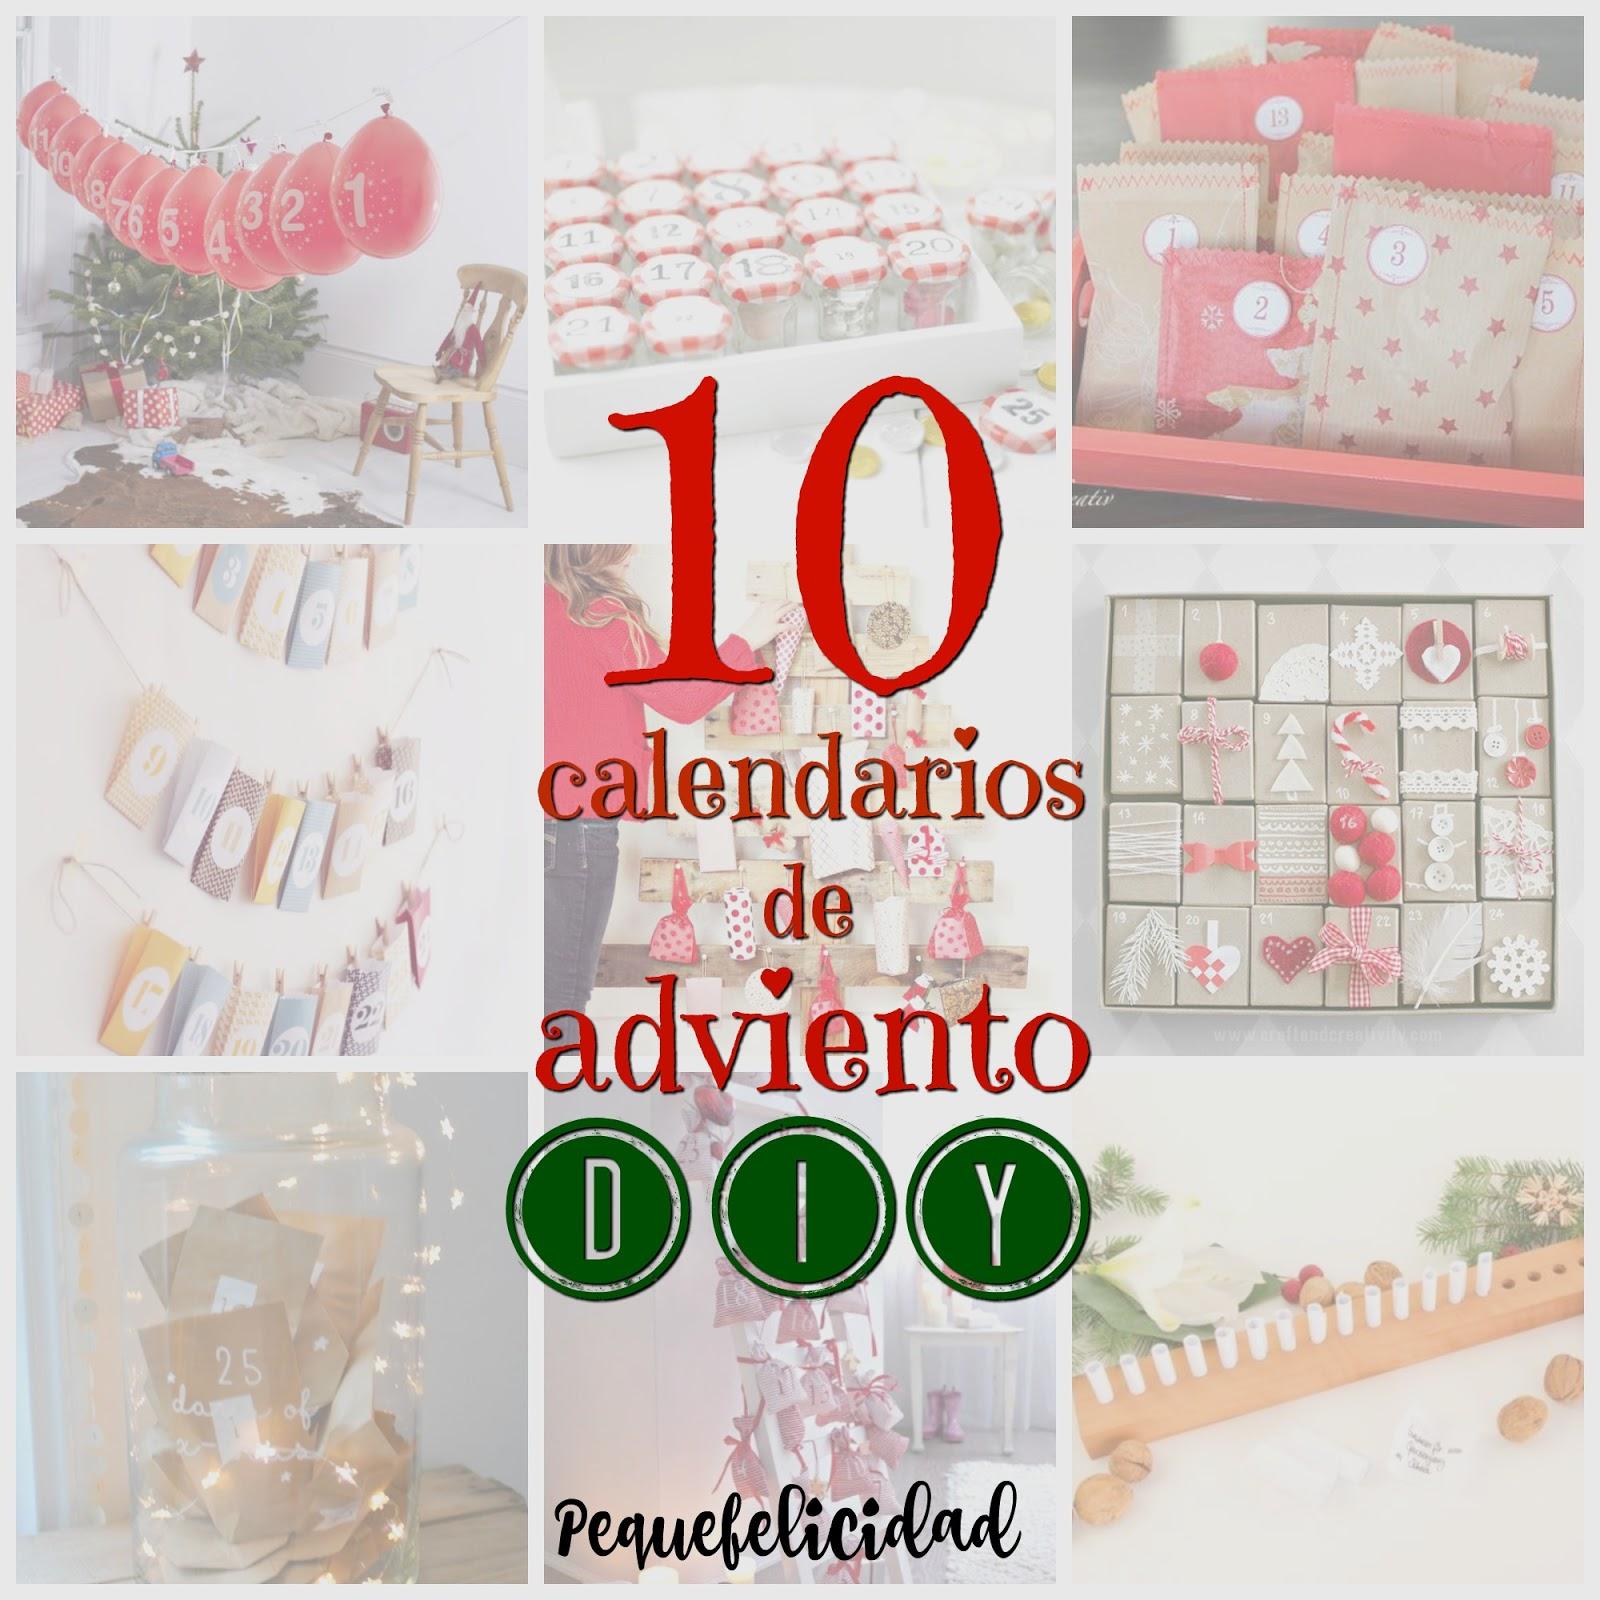 Pequefelicidad 10 calendarios de adviento diy - Calendario de adviento diy ...